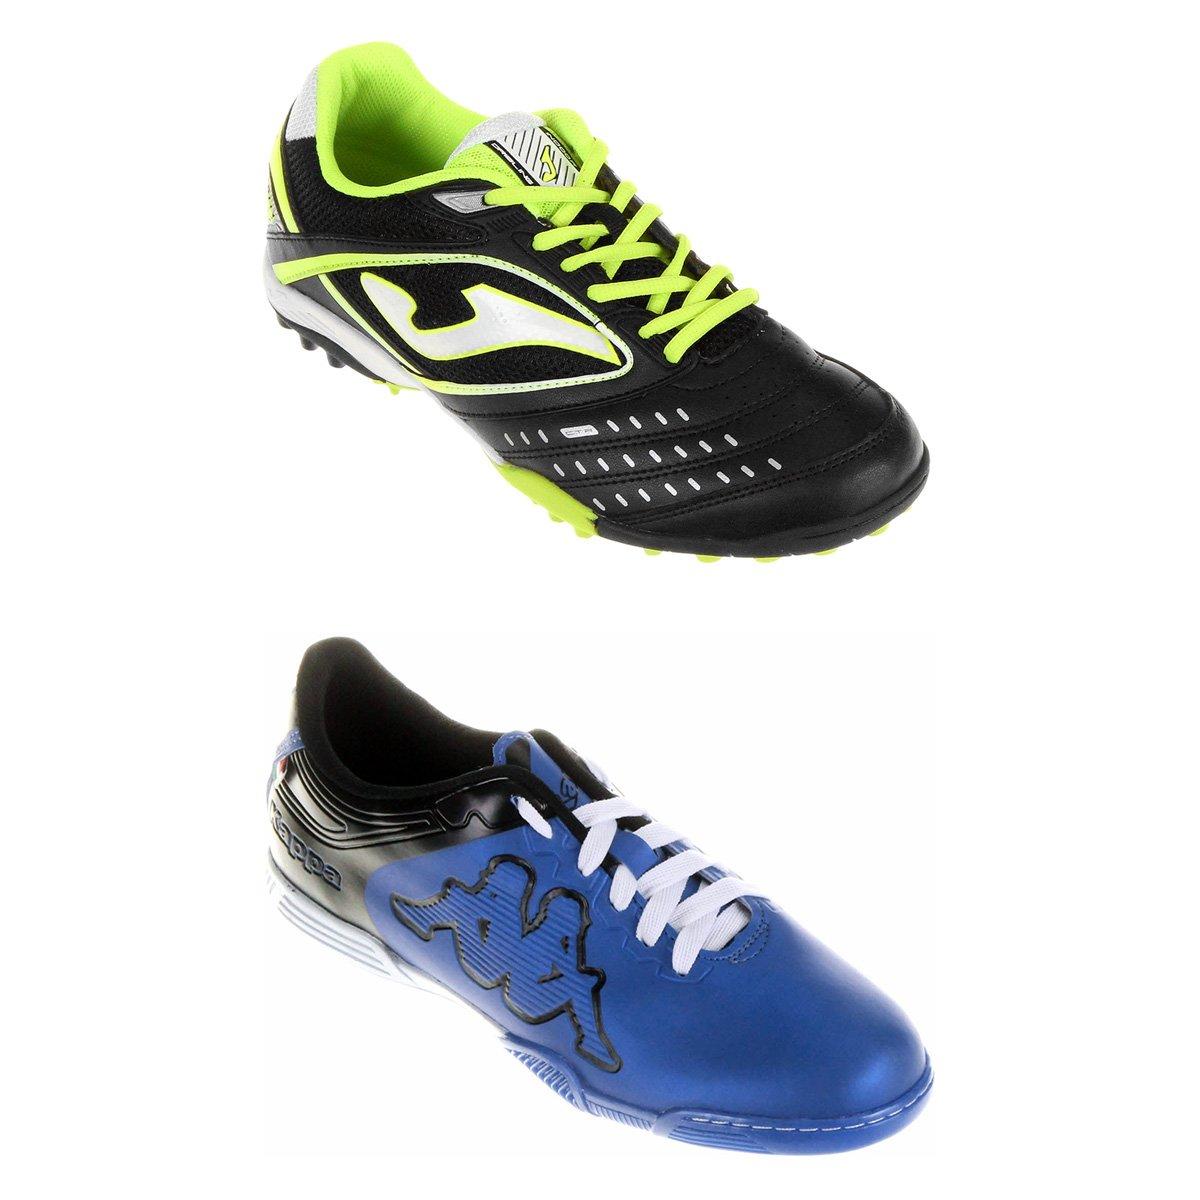 0e53dc5039 Kit Chuteira Joma Dribling Society + Chuteira Kappa Fuerza Futsal ...